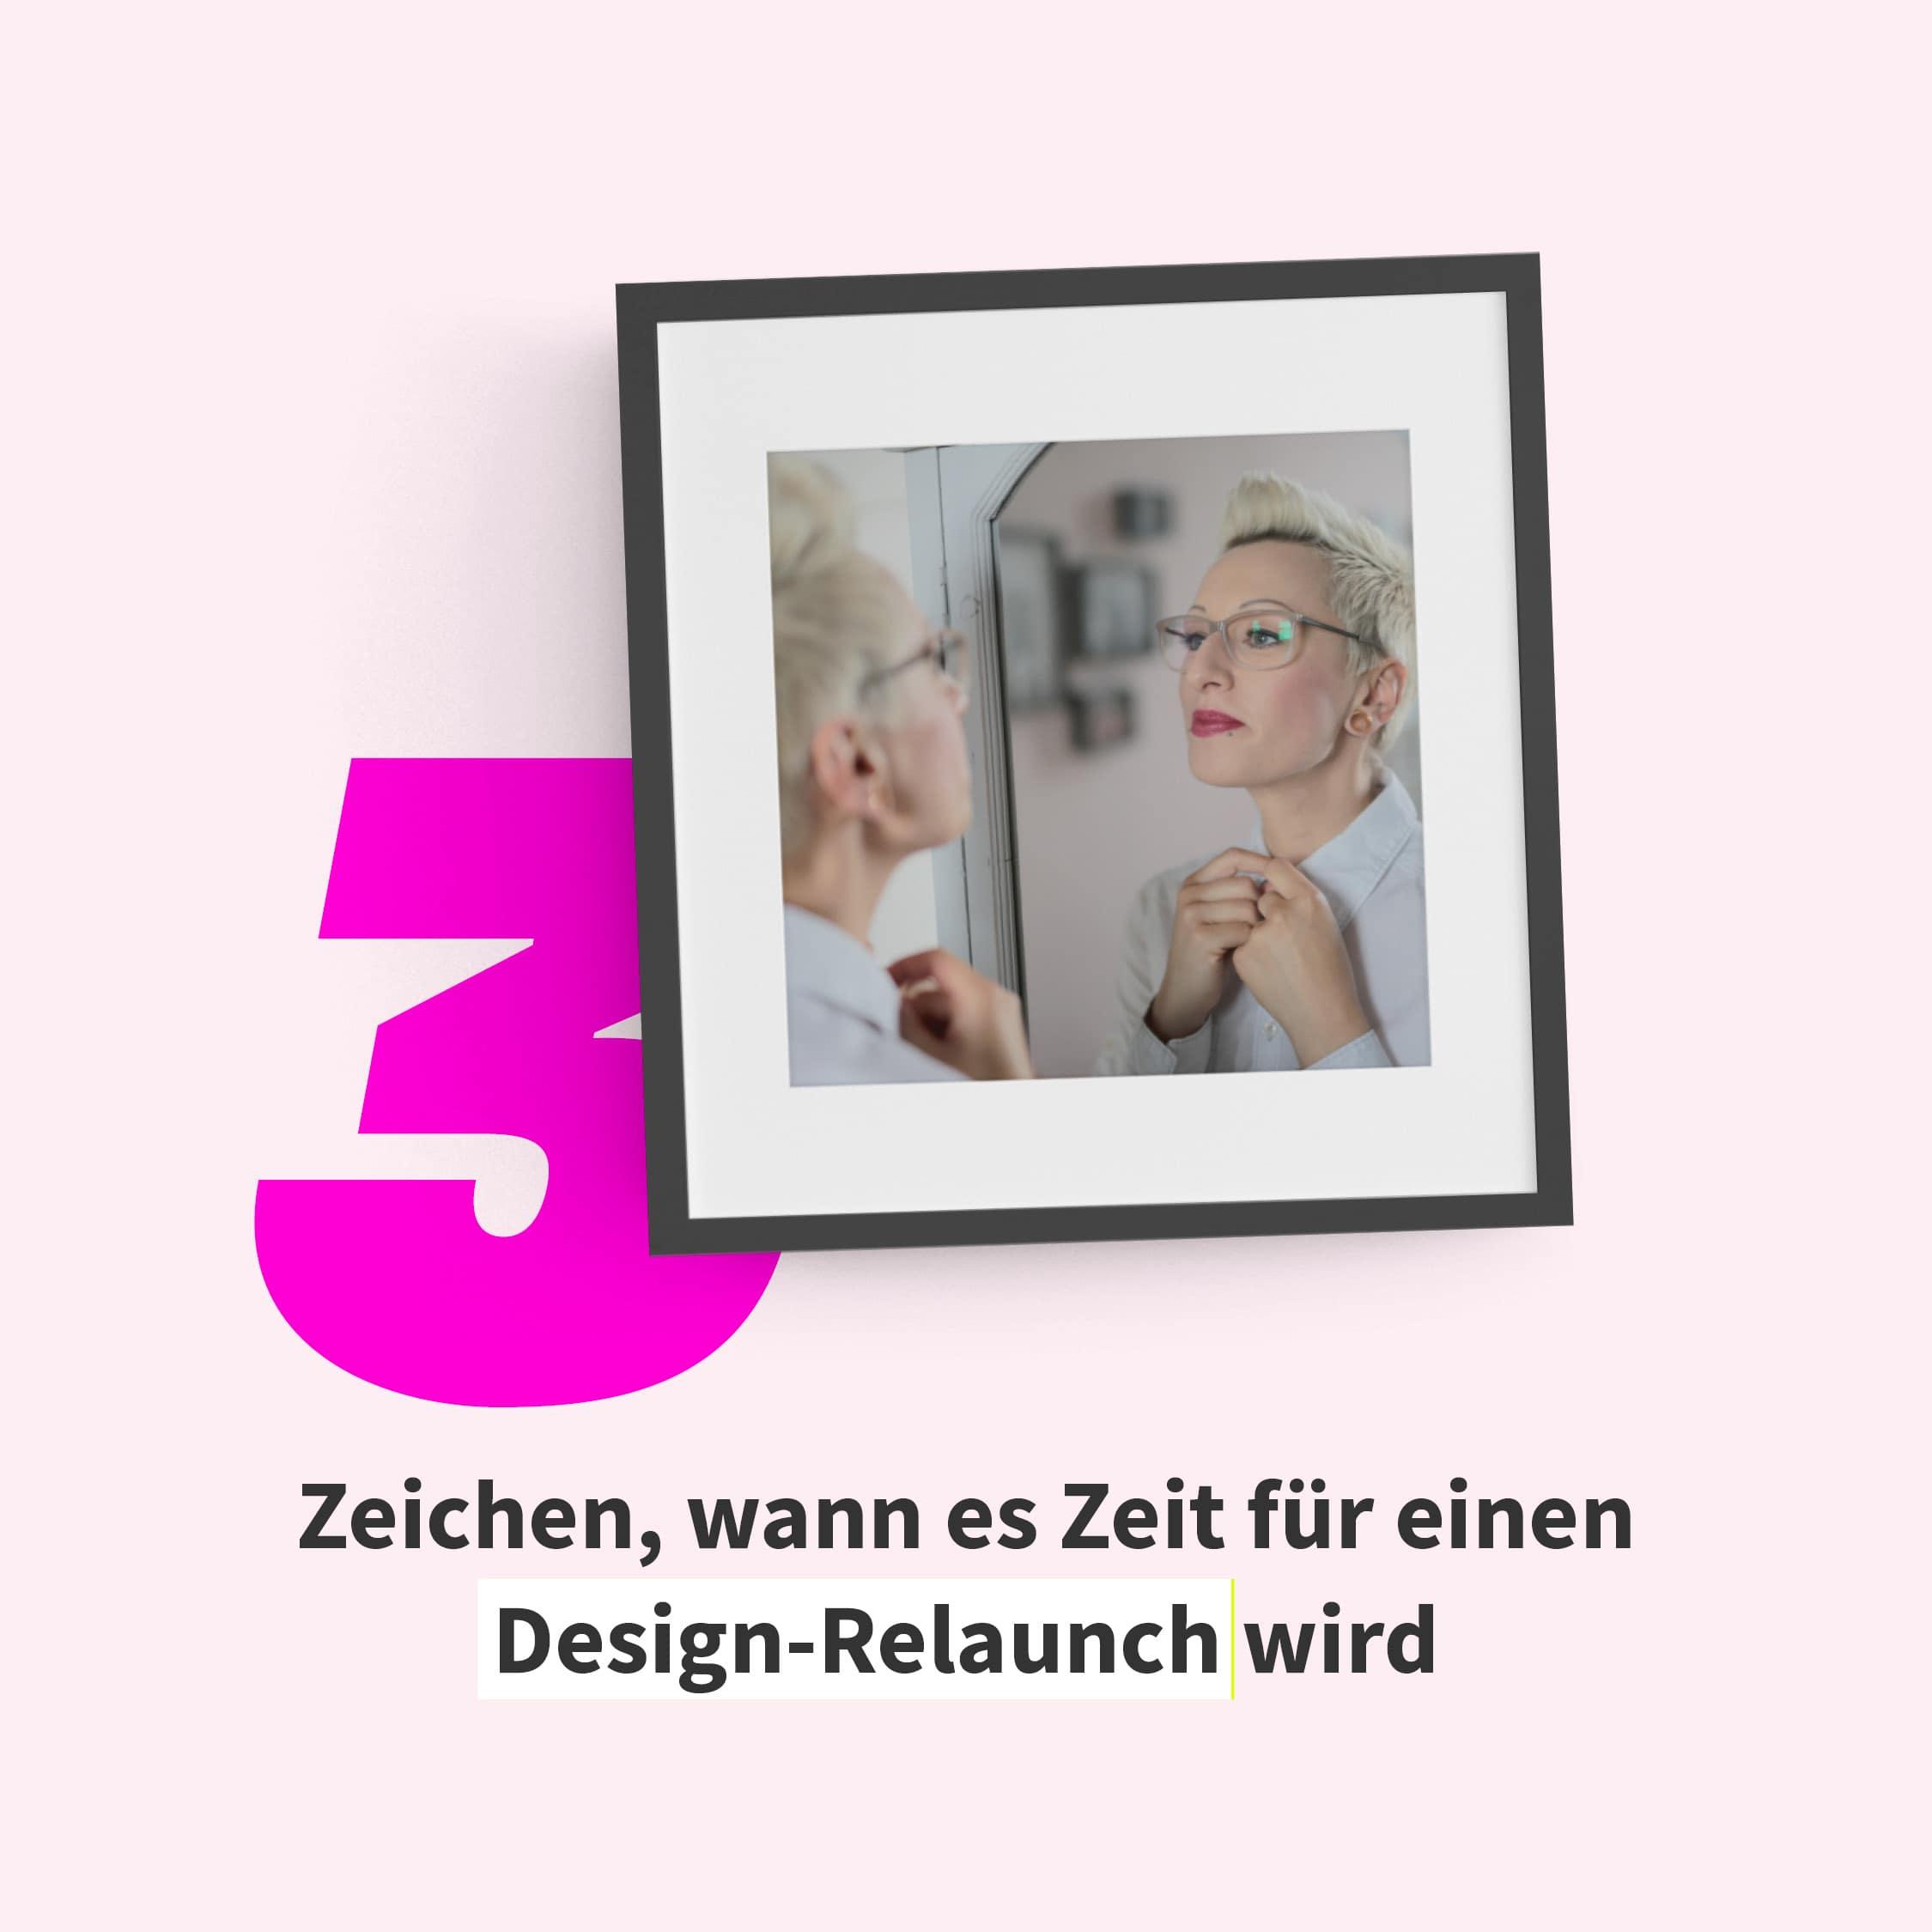 3 Zeichen, wann es Zeit für einen Design-Relaunch wird